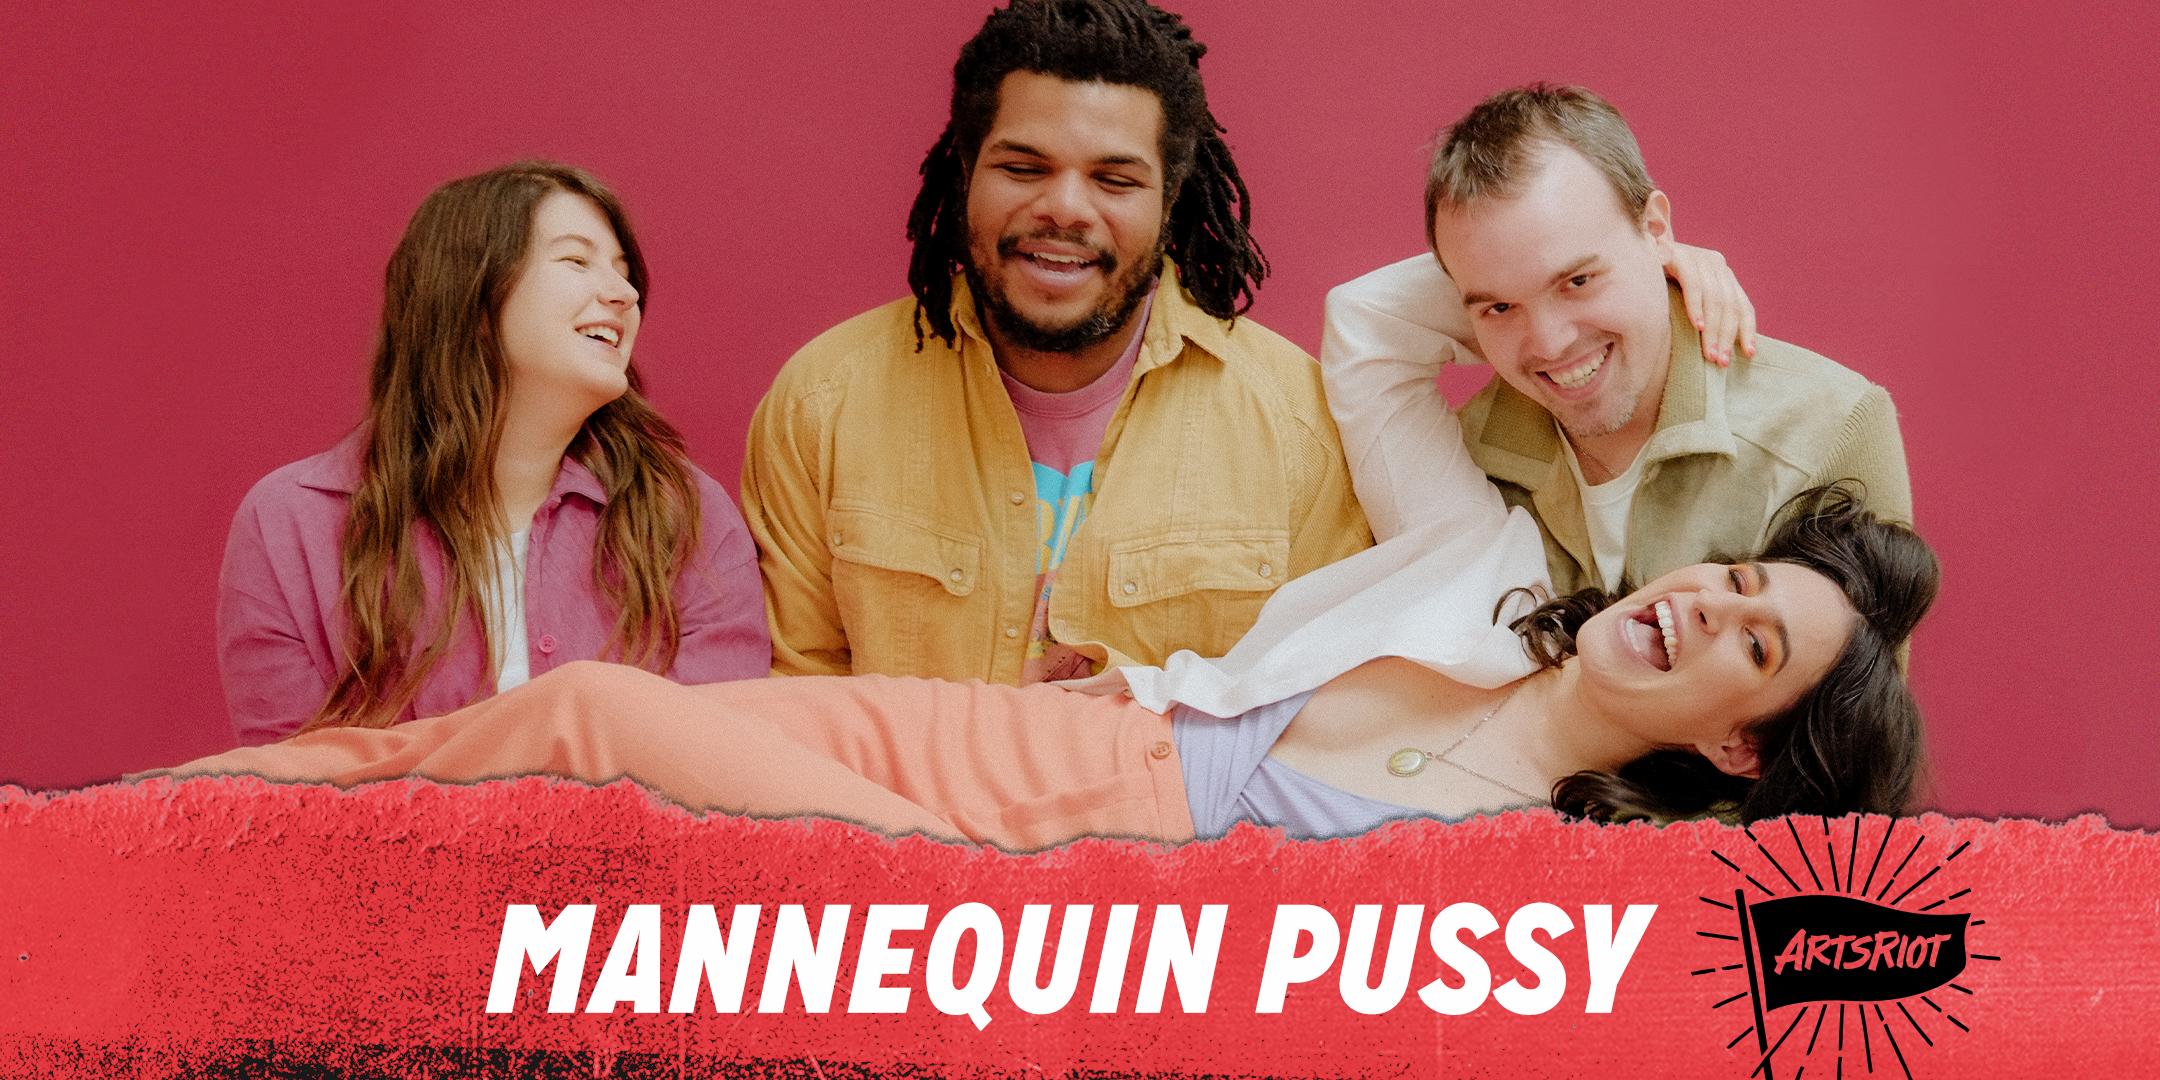 ManequinPussyBanner.jpg